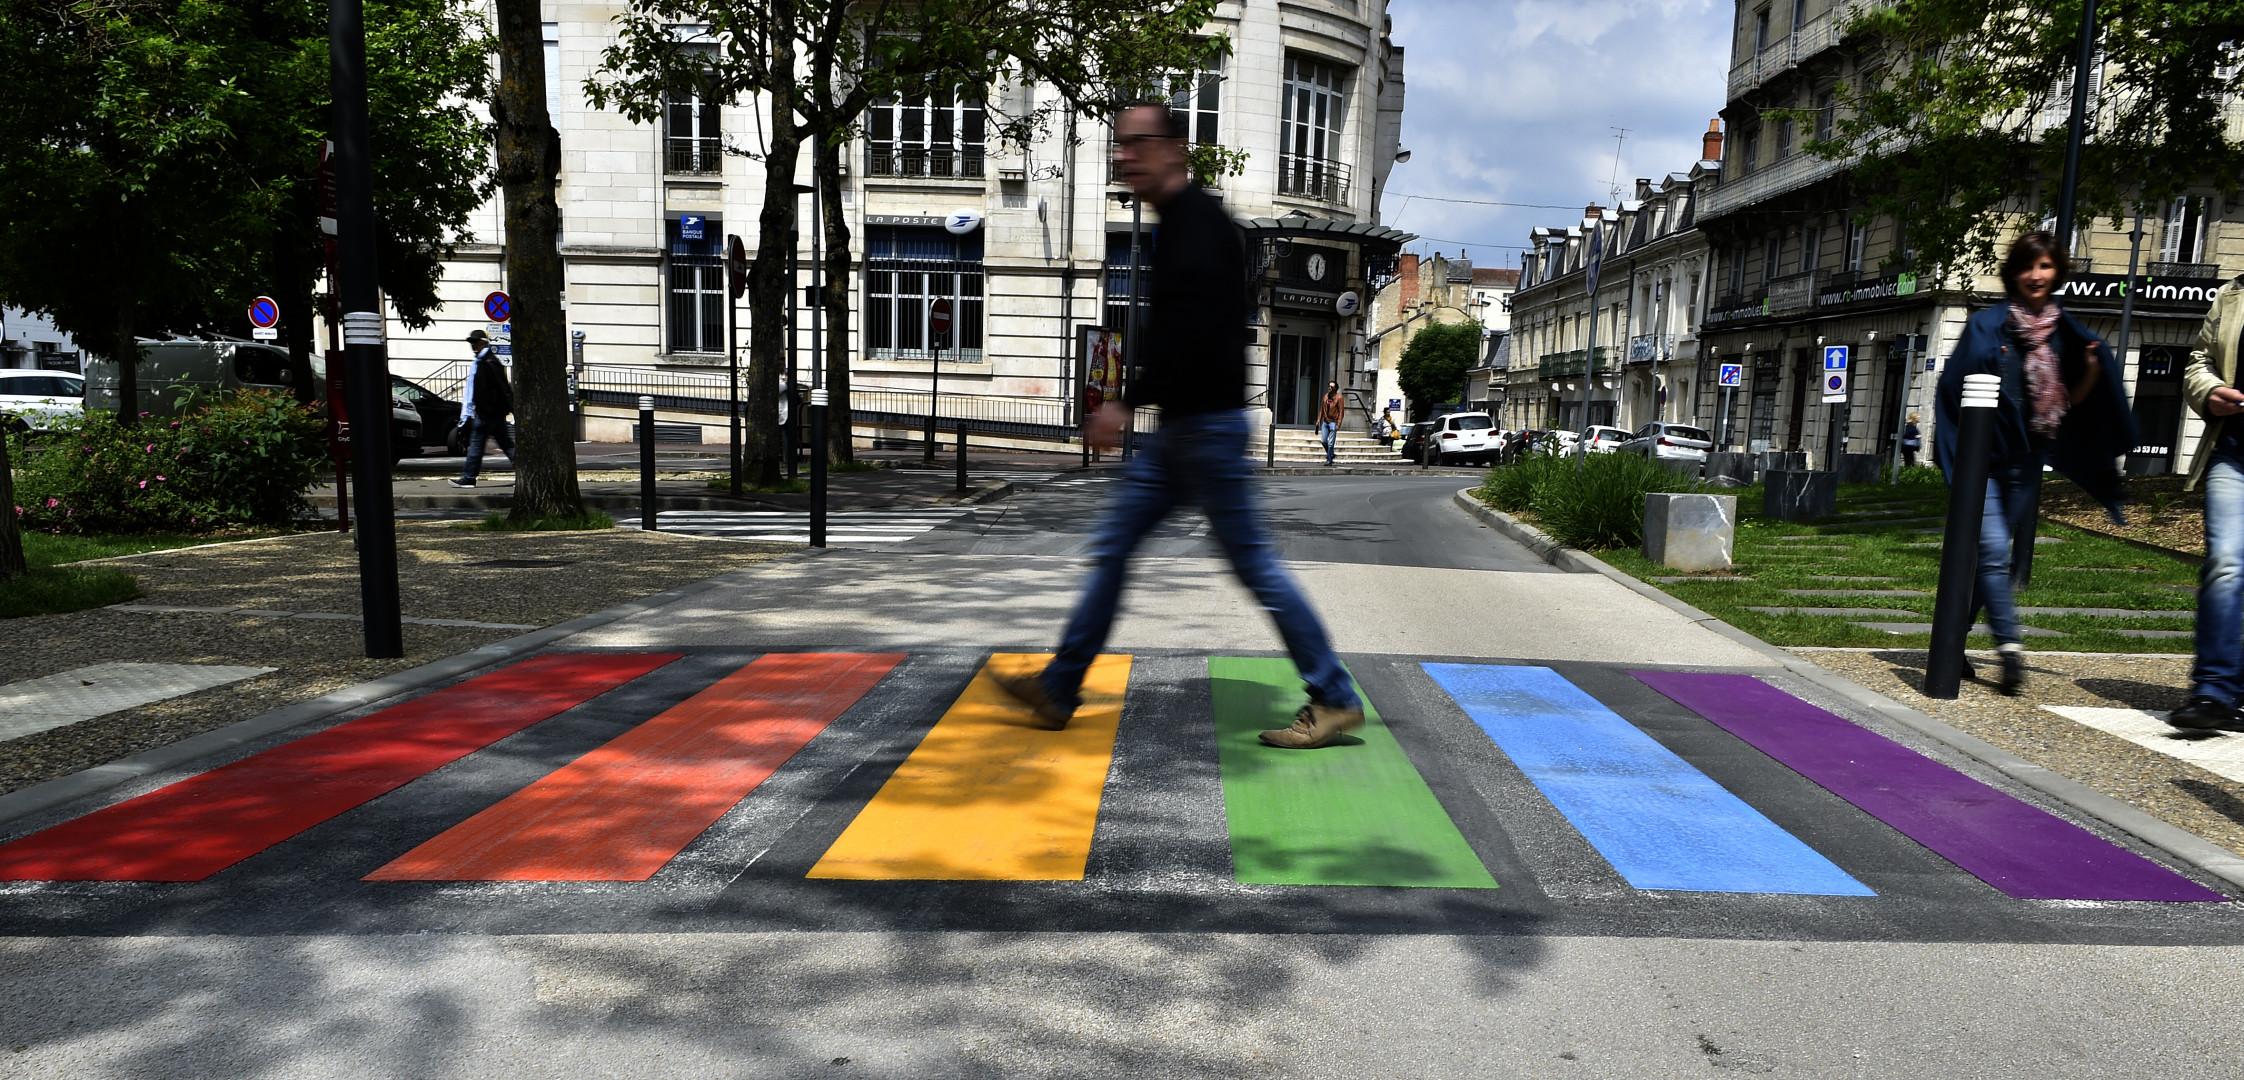 Le premier passage piéton permanent aux couleurs LGBT a été inauguré à Périgueux jeudi 17 mai